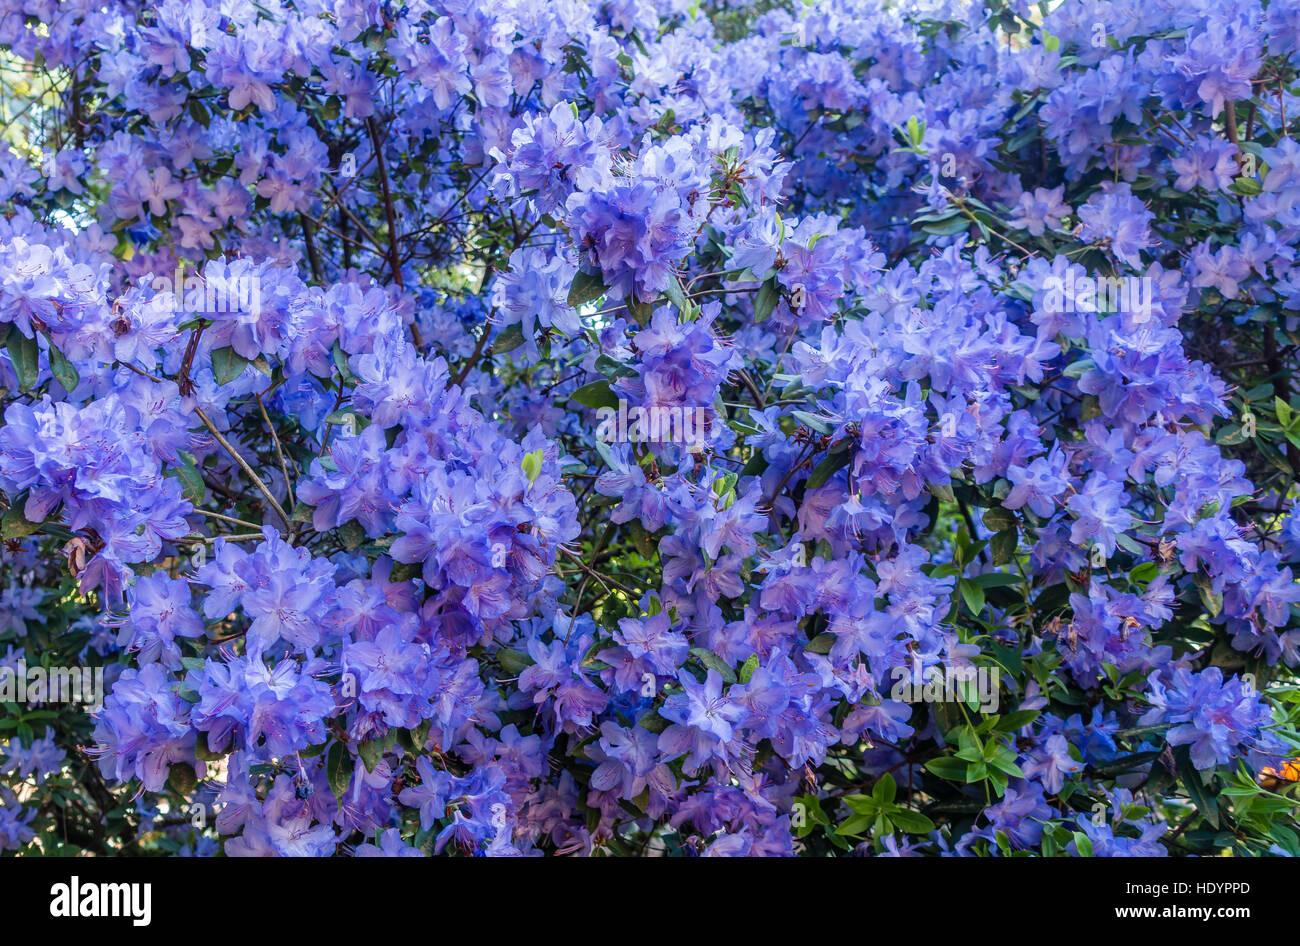 Un Primer Plano De Un Gran Disparo Azalea Arbusto Con Flores De Color Azul Brillante Fotografia De Stock Alamy